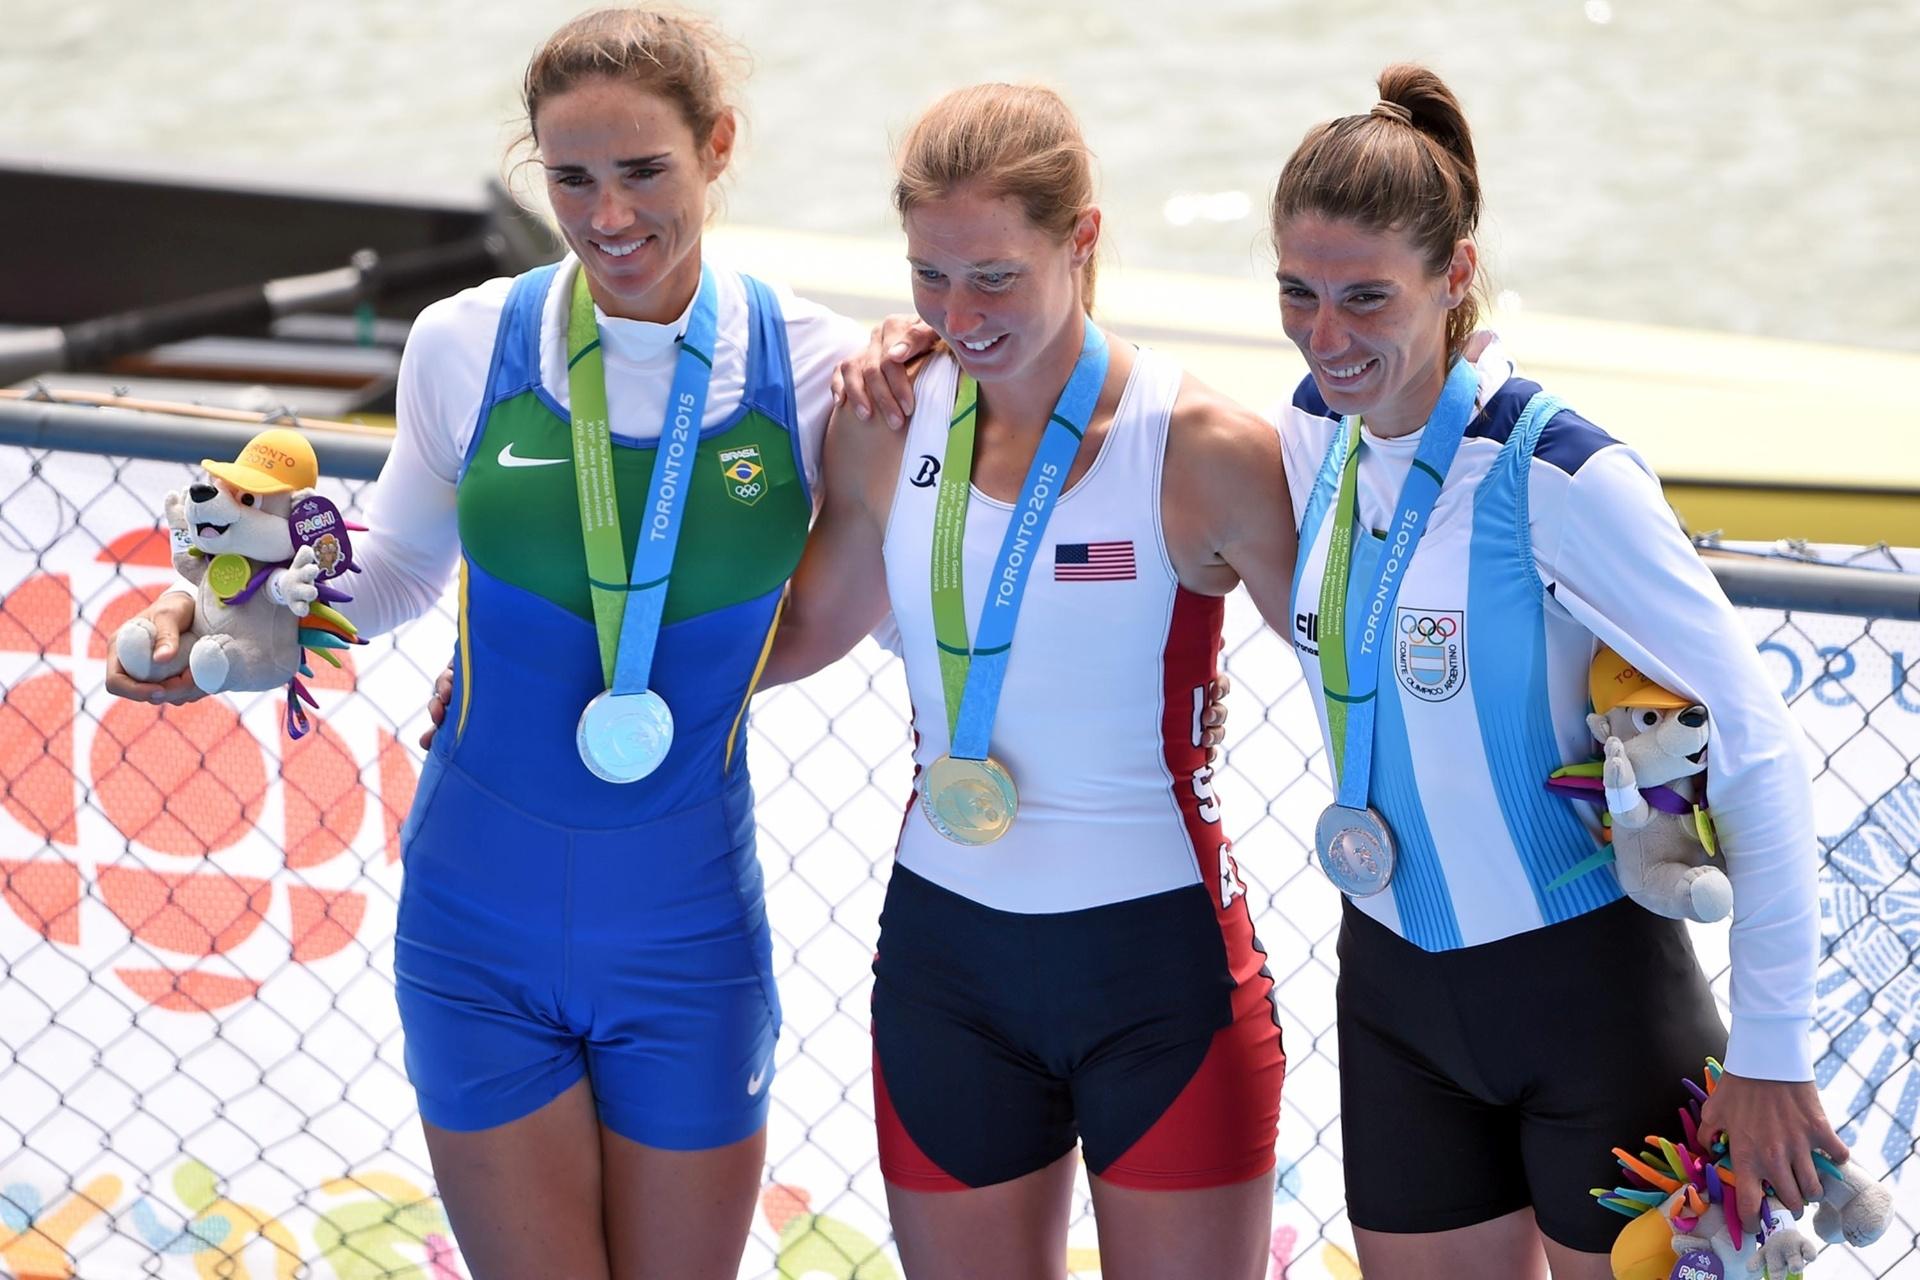 Com a medalha de prata, Fabiana Beltrame repetiu o feito conquistado nos Jogos Pan-Americanos de 2011